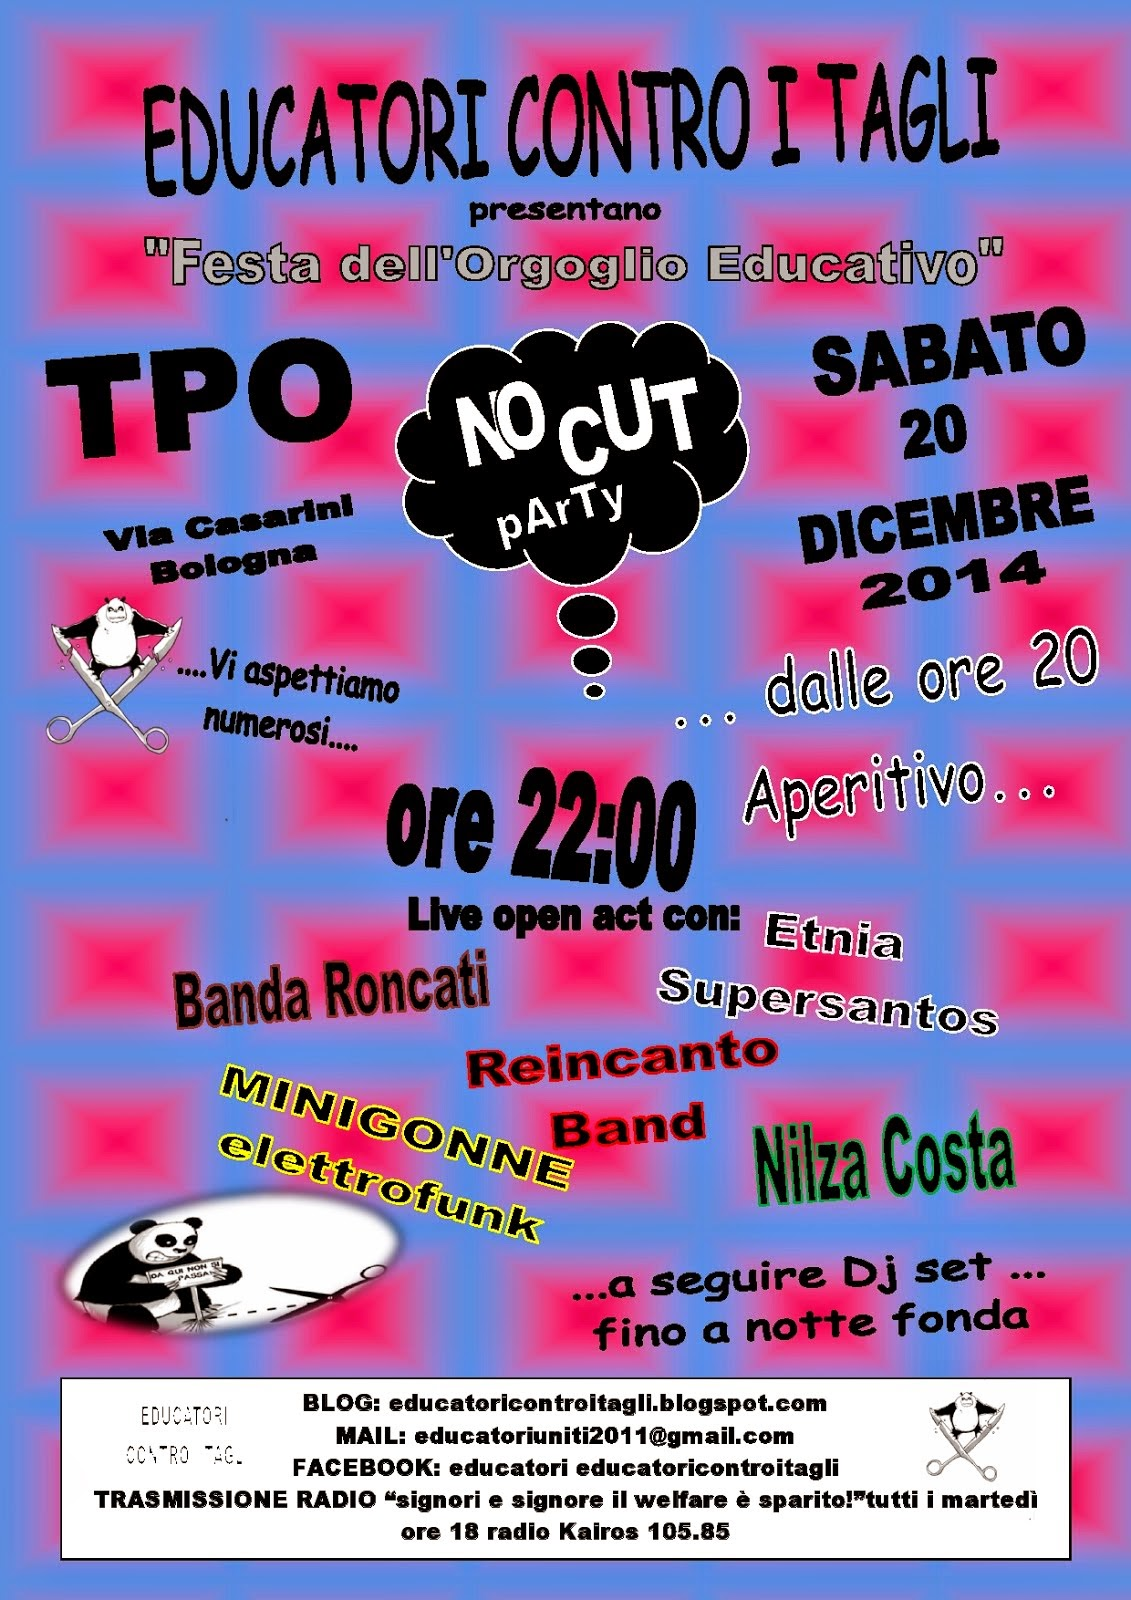 """20 DICEMBRE 2014 """"FESTA DELL'ORGOGLIO EDUCATIVO"""